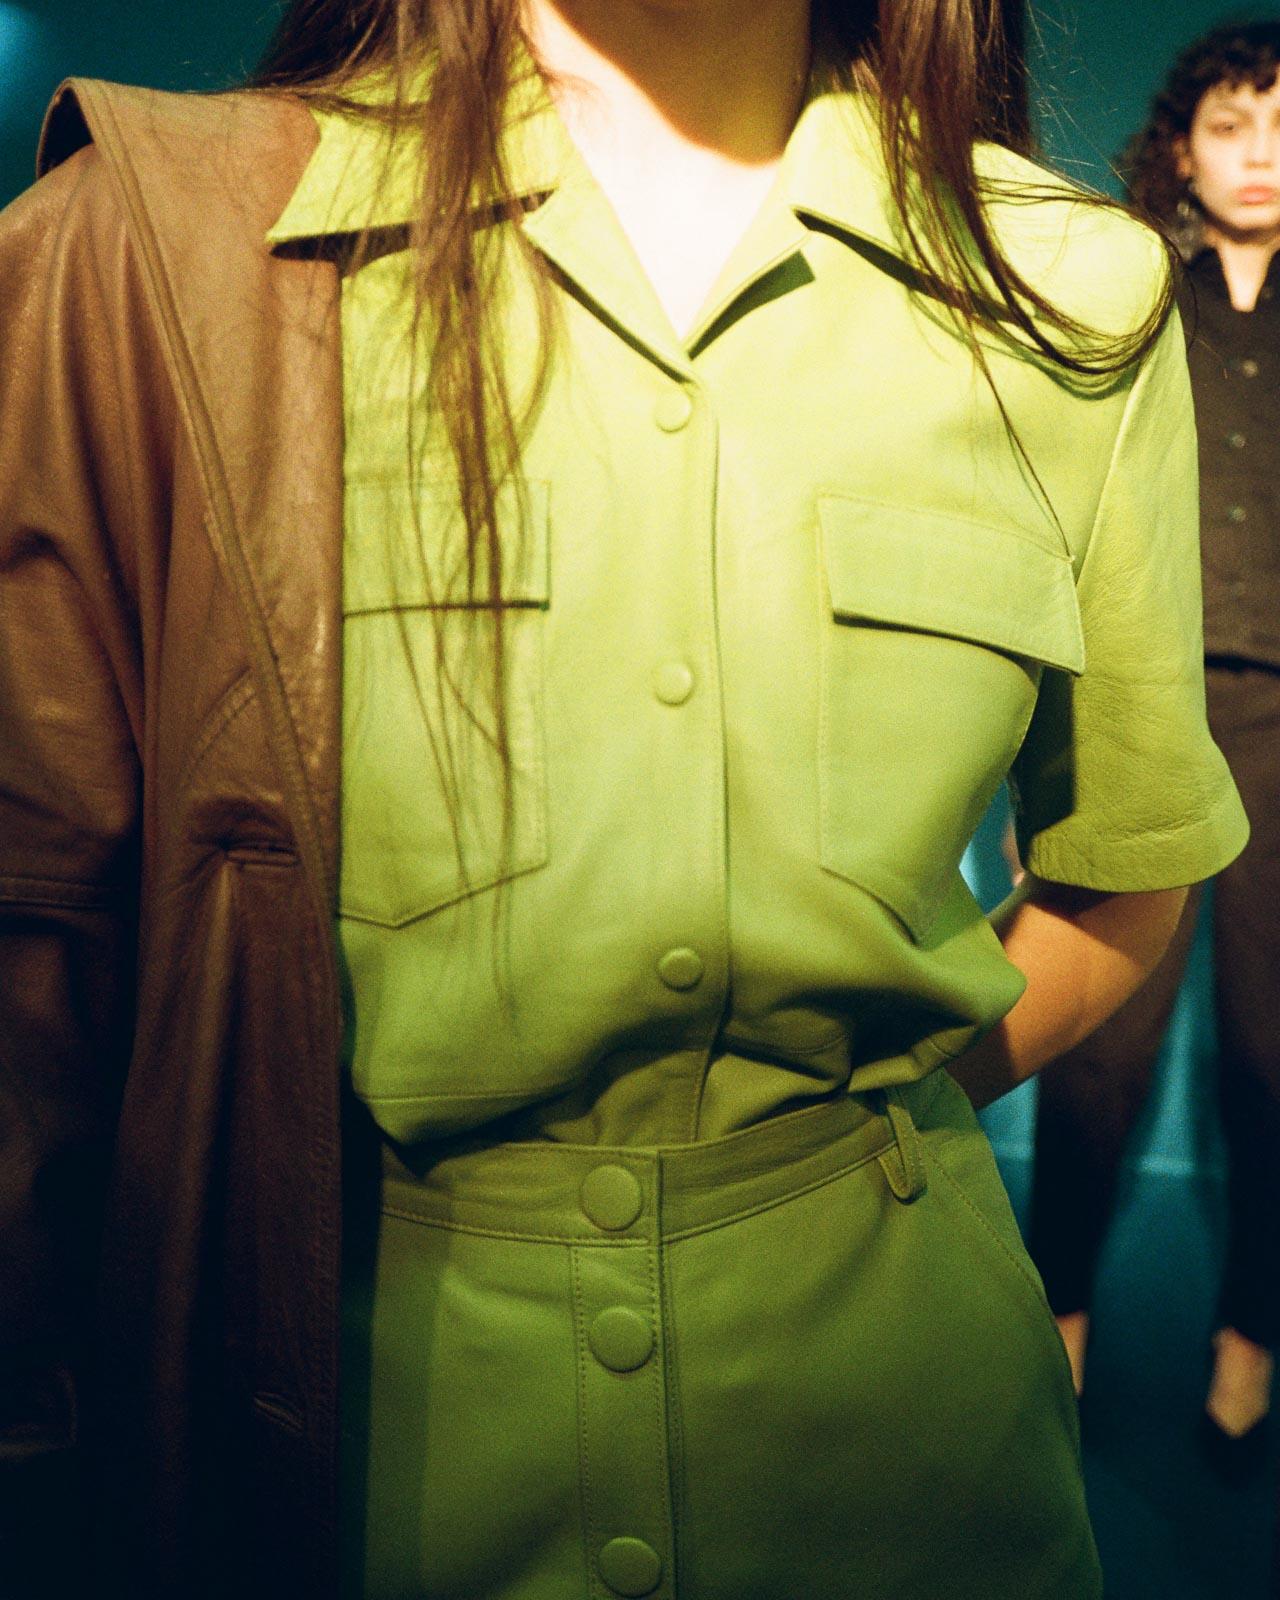 Copenhagen Fashion Week Remain Birger Christensen Präsentation AW2020 green leather suit